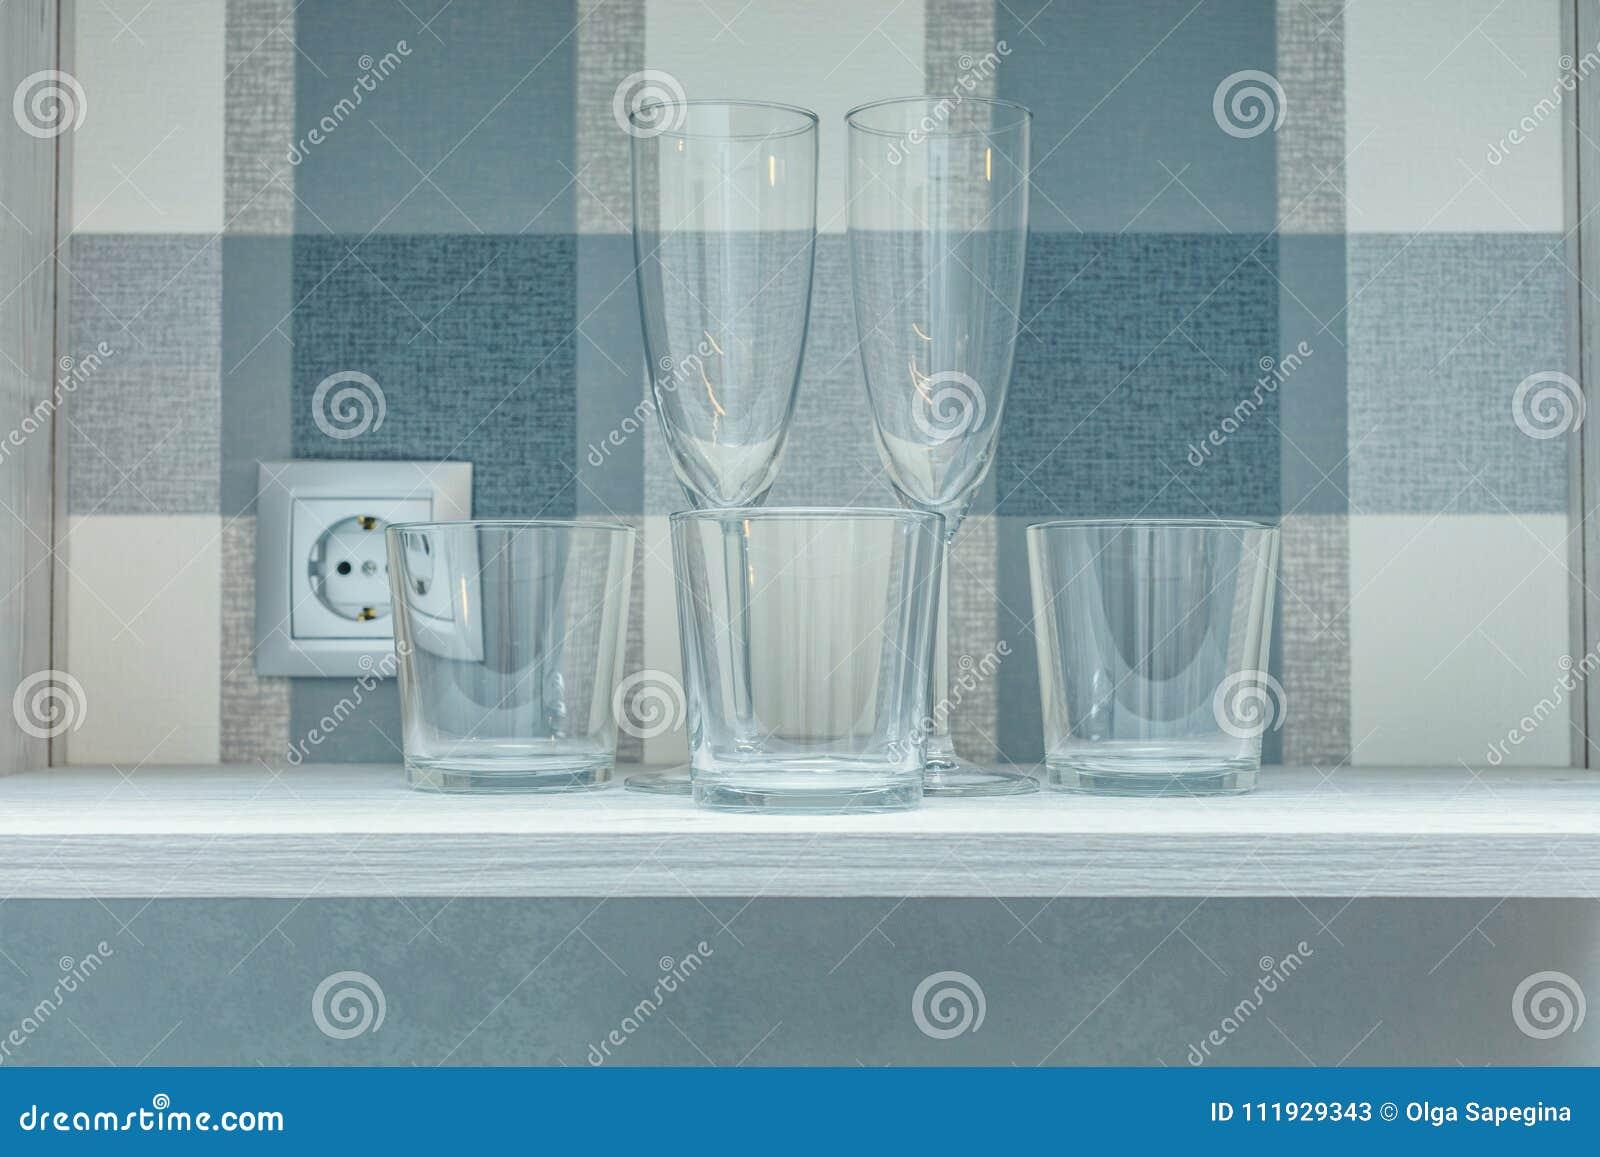 透明干净的玻璃